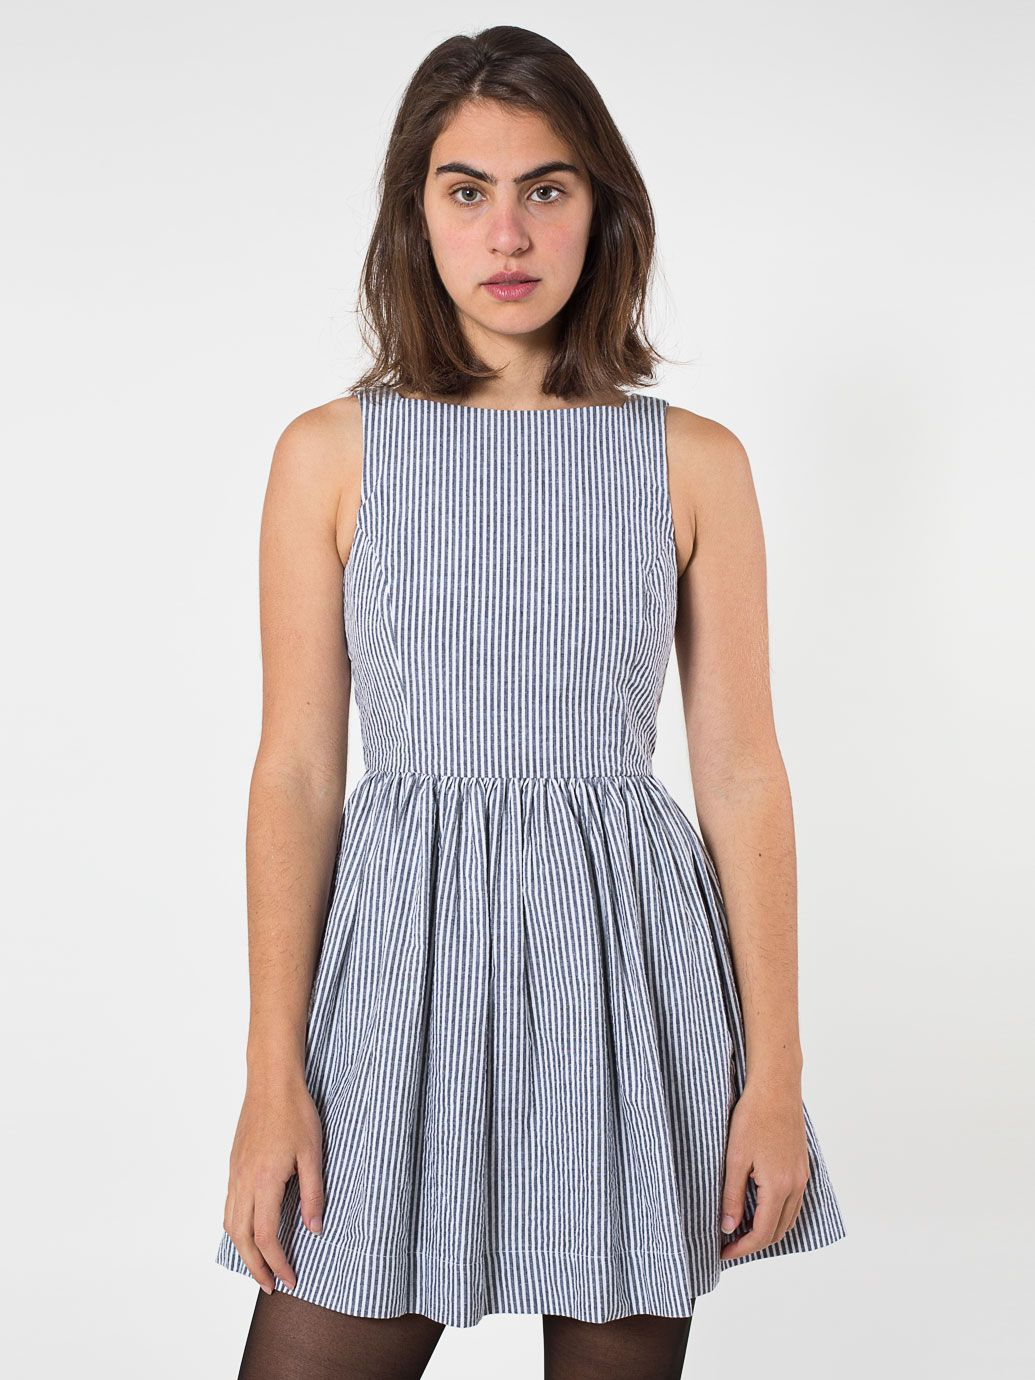 rsa0364 - Sun Dress